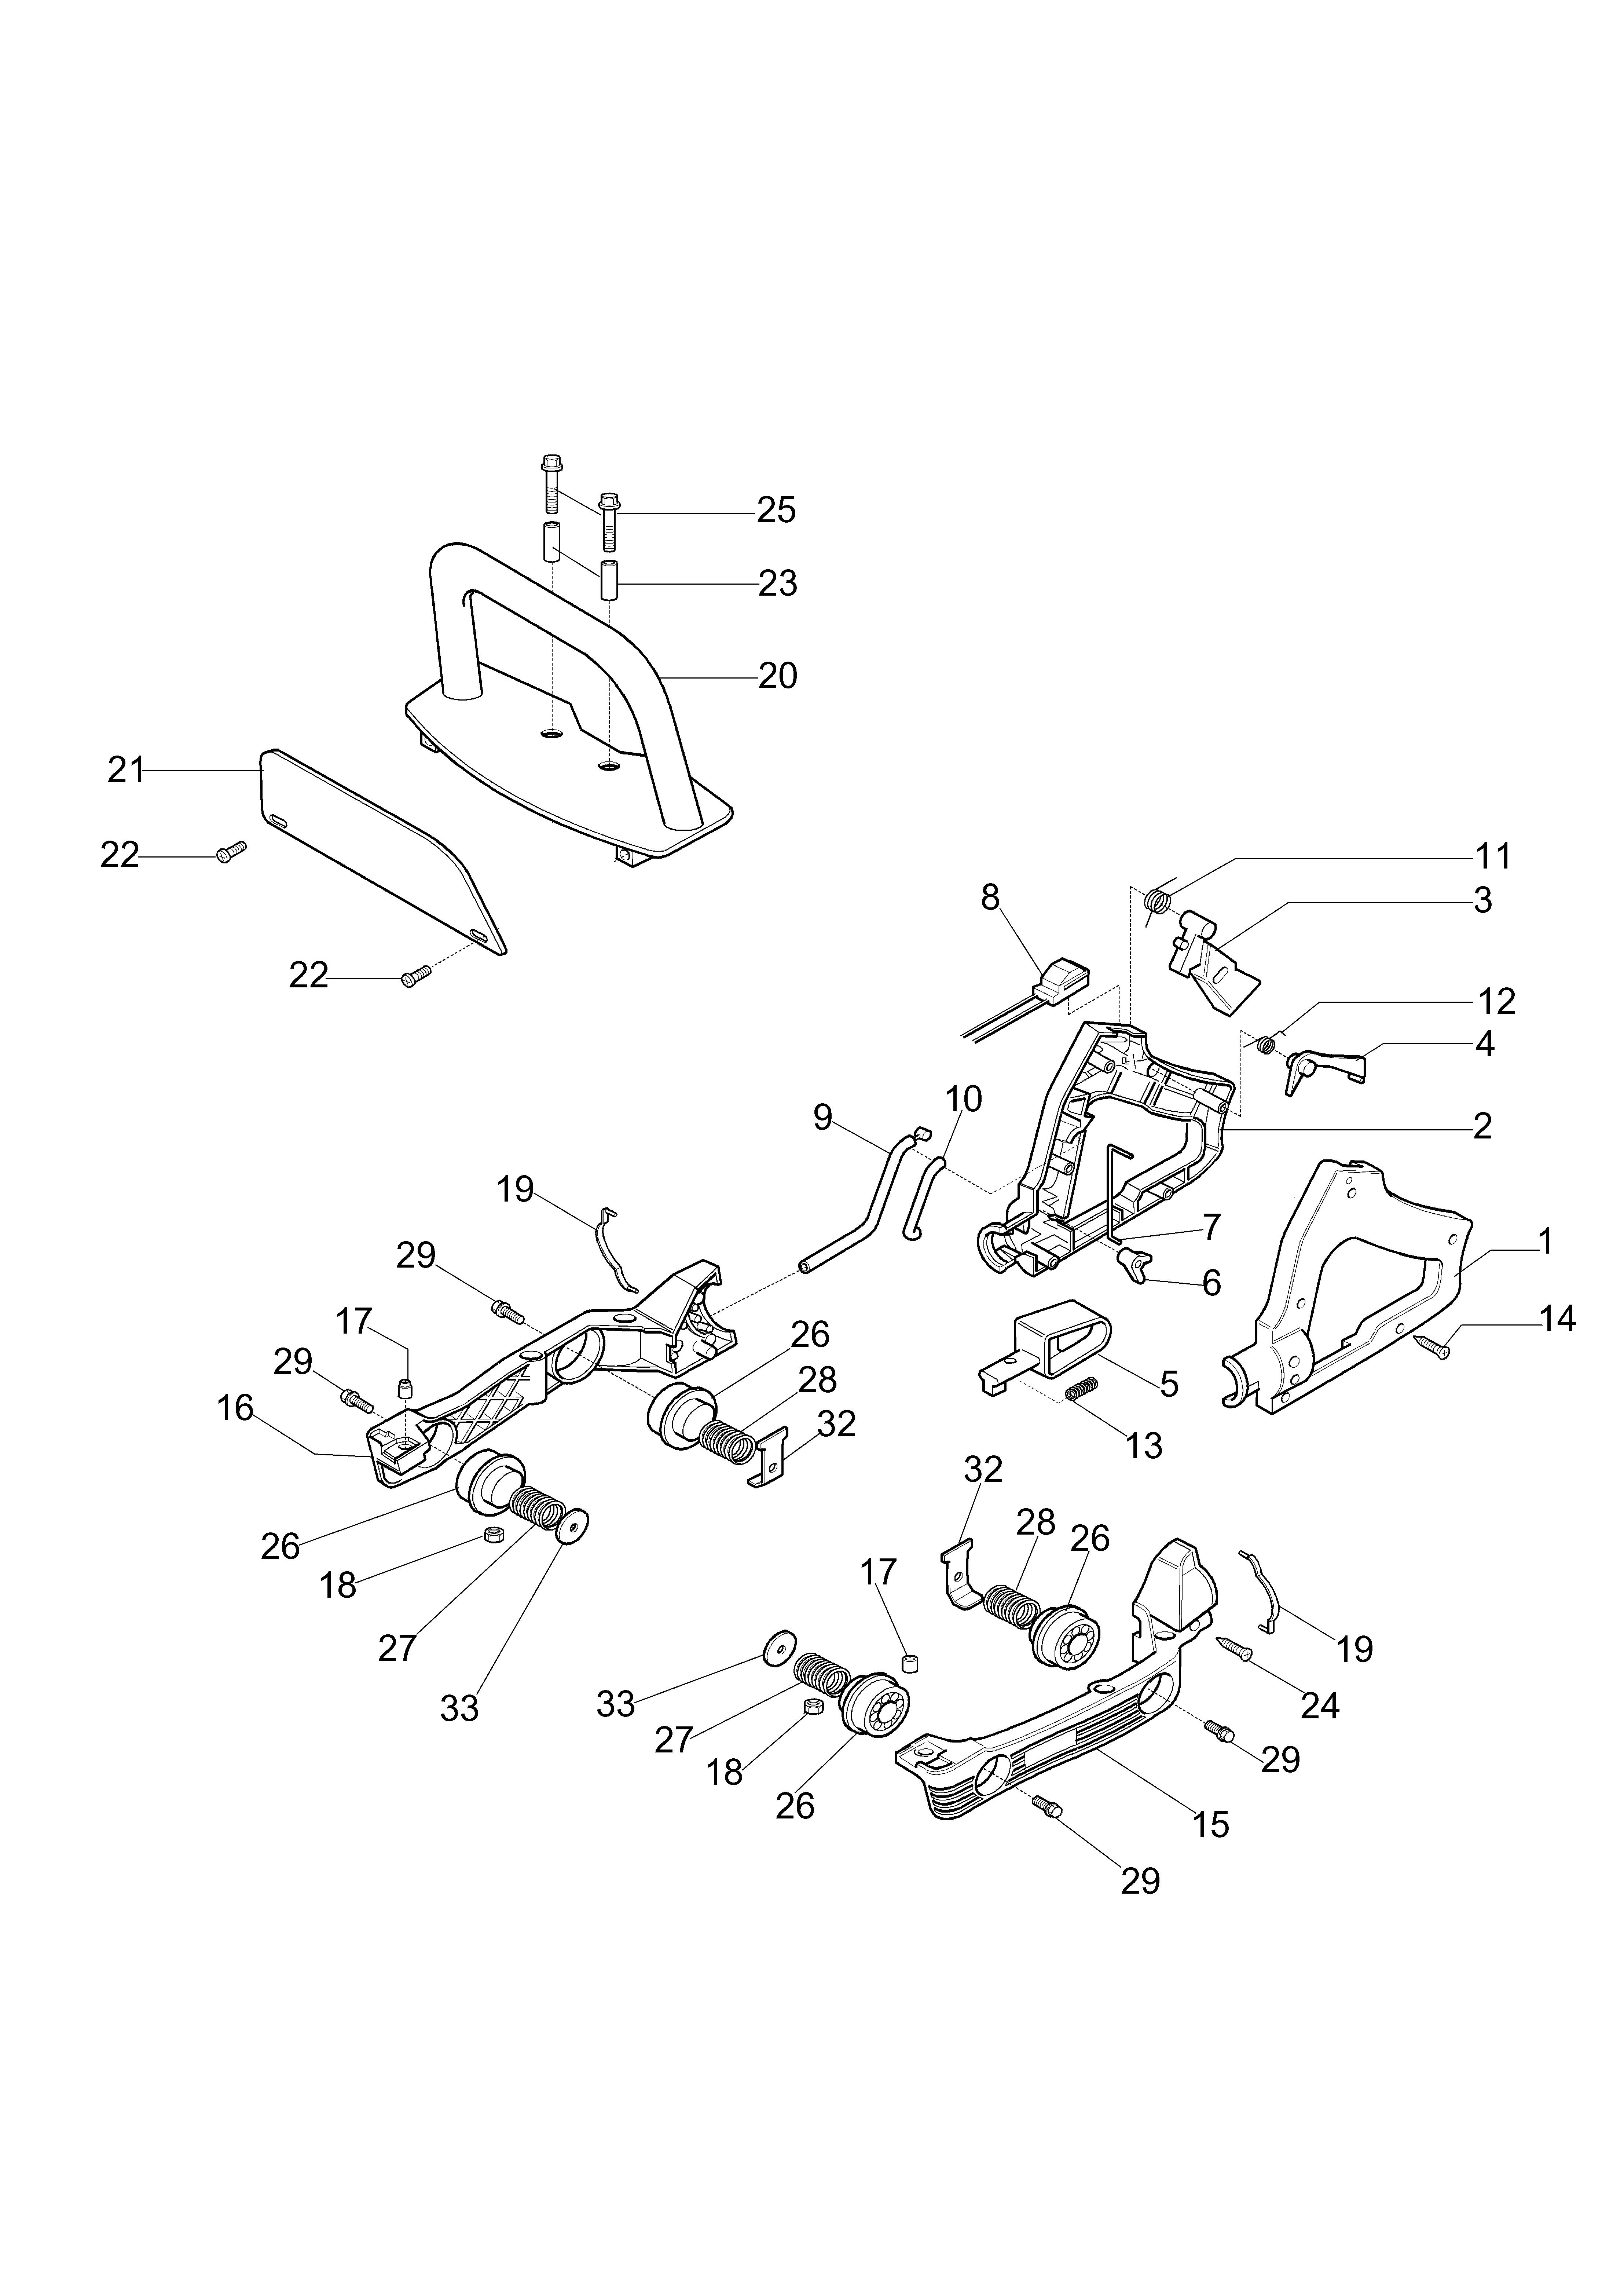 HC 260 XP Taille-haies  OLEOMAC vue éclatée  Dessins pièces -  Poignee